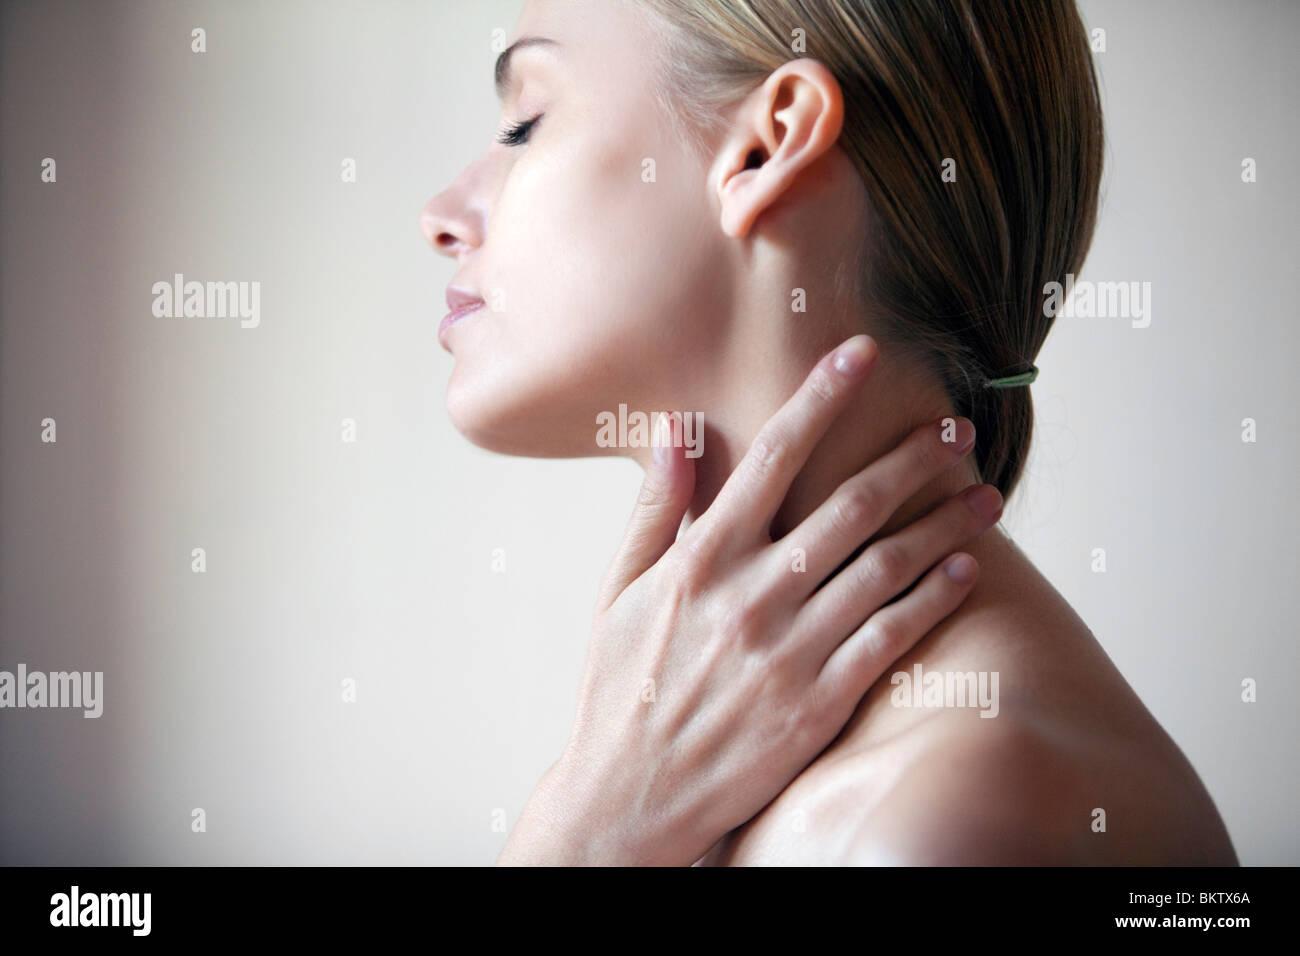 Mujer joven con las manos en la boca,los ojos cerrados Imagen De Stock